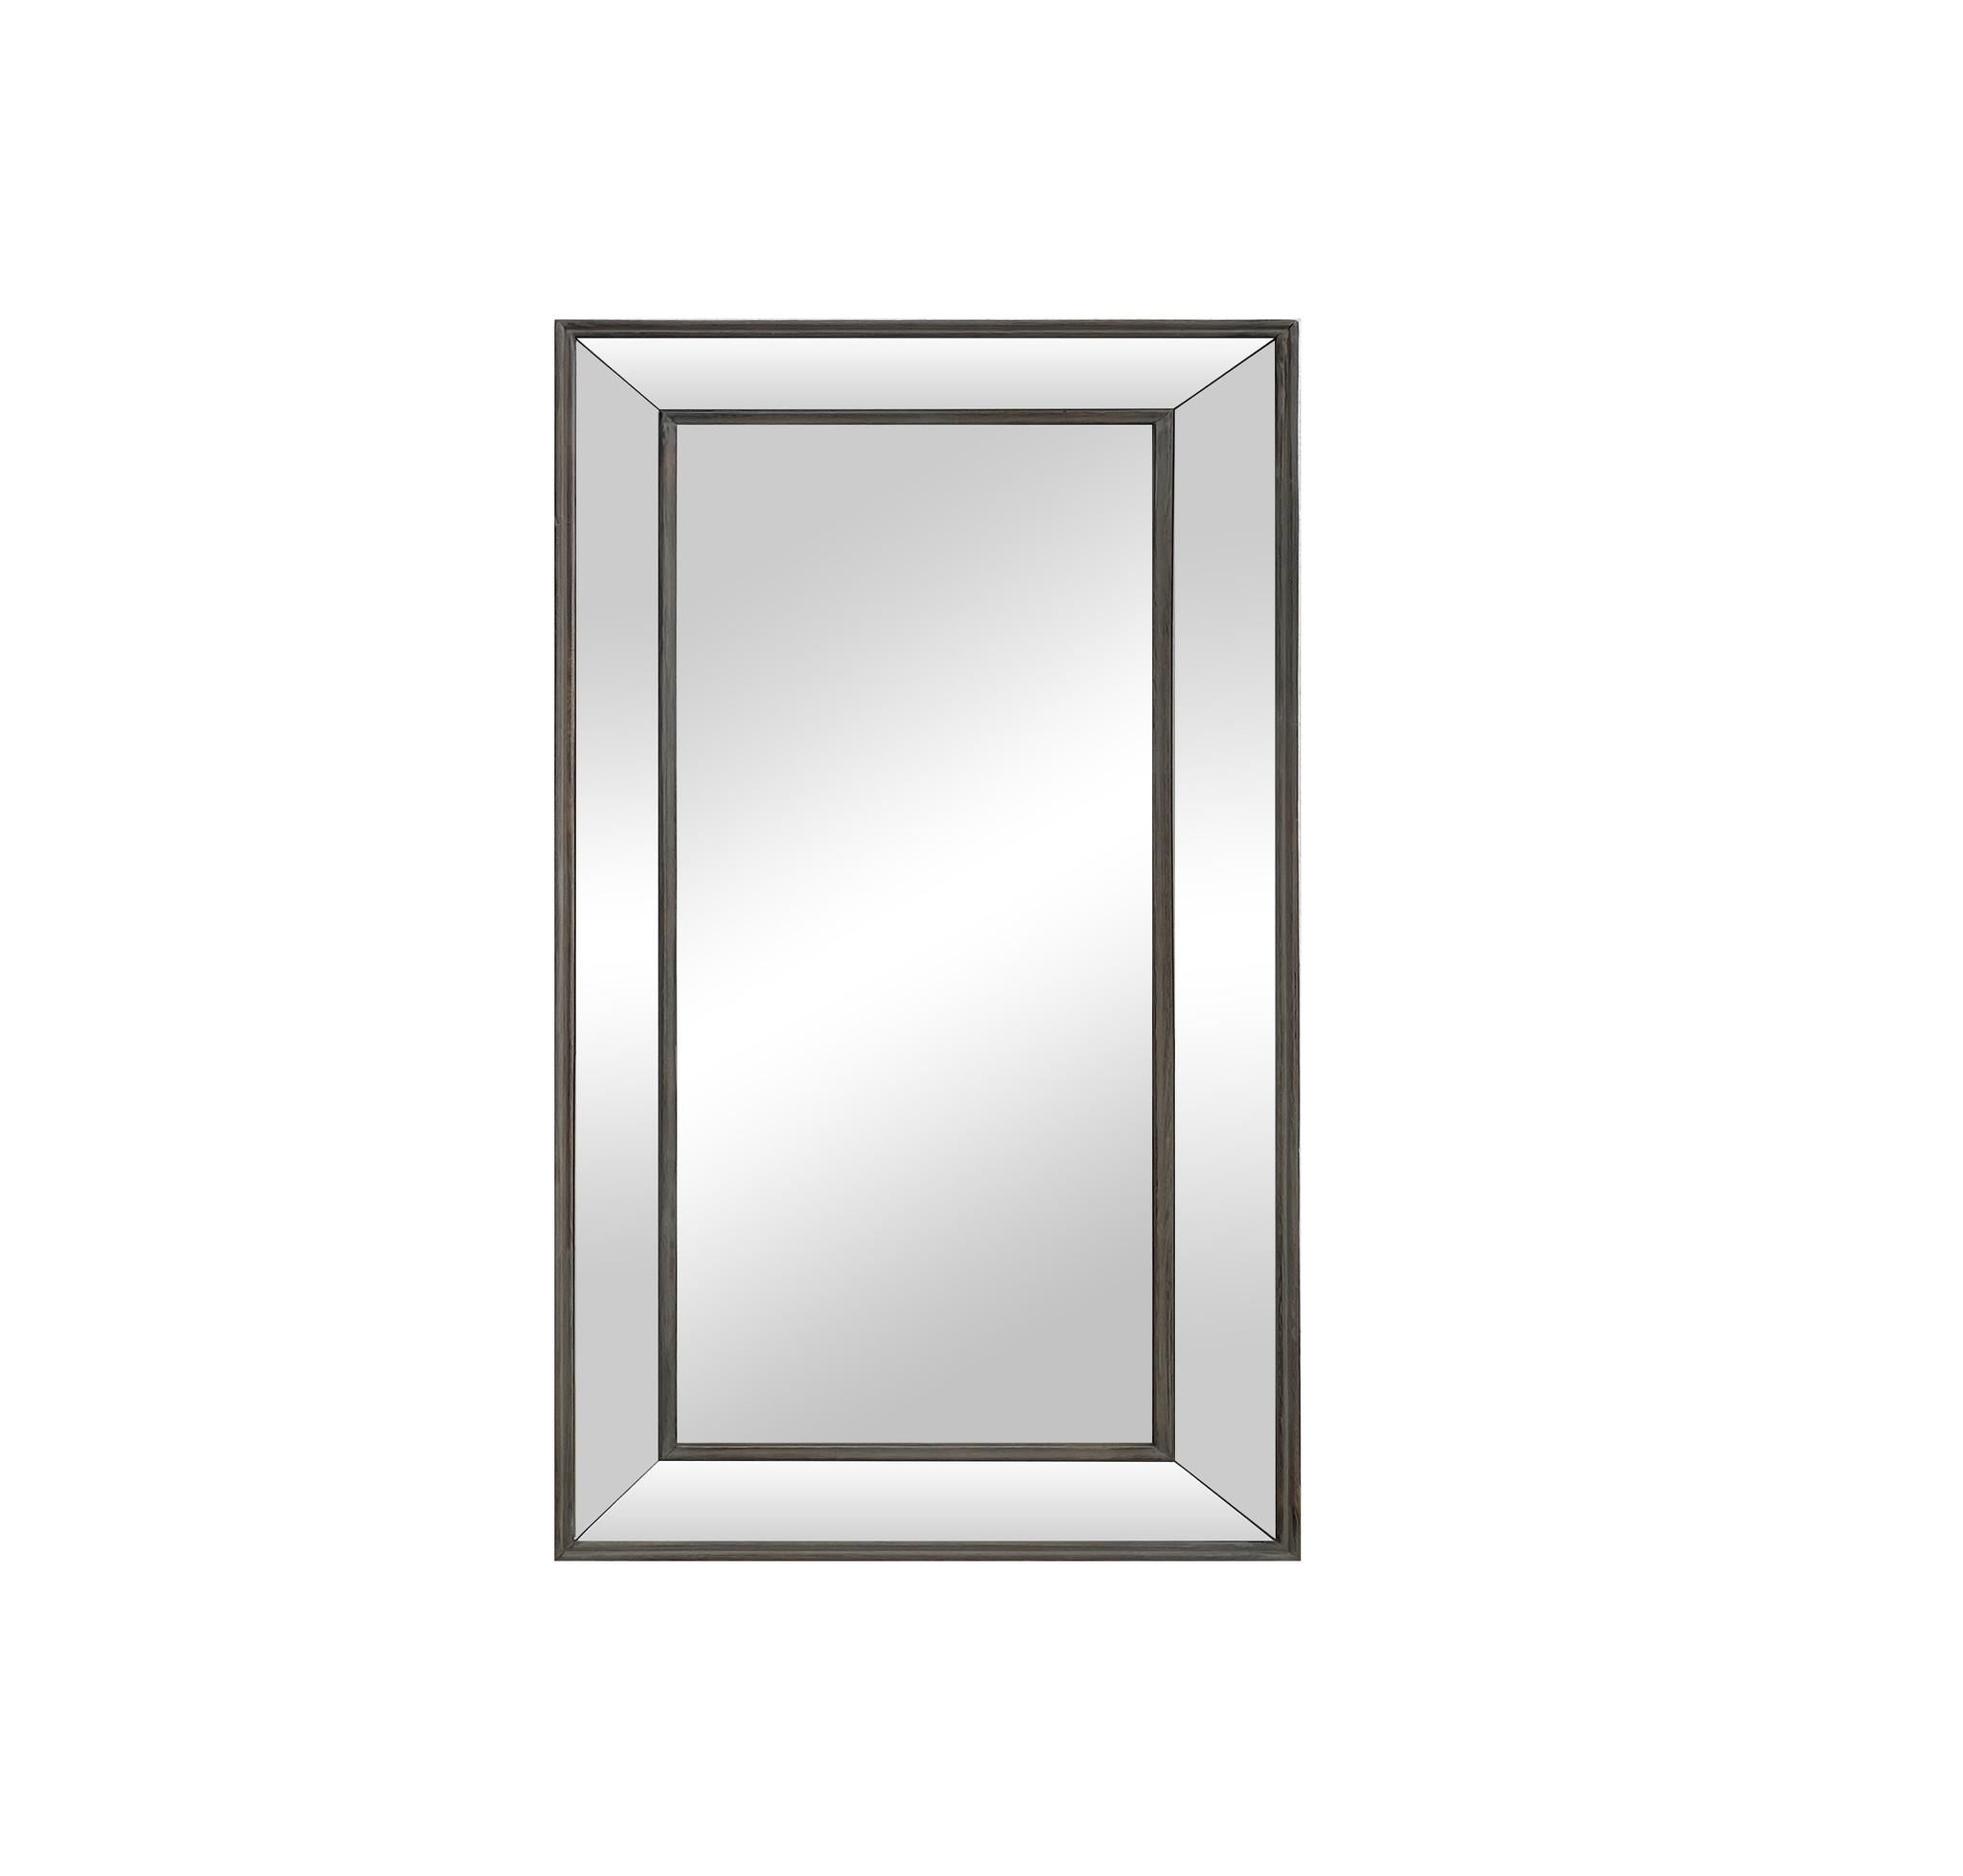 Essentials Bevelled Glass Mirror